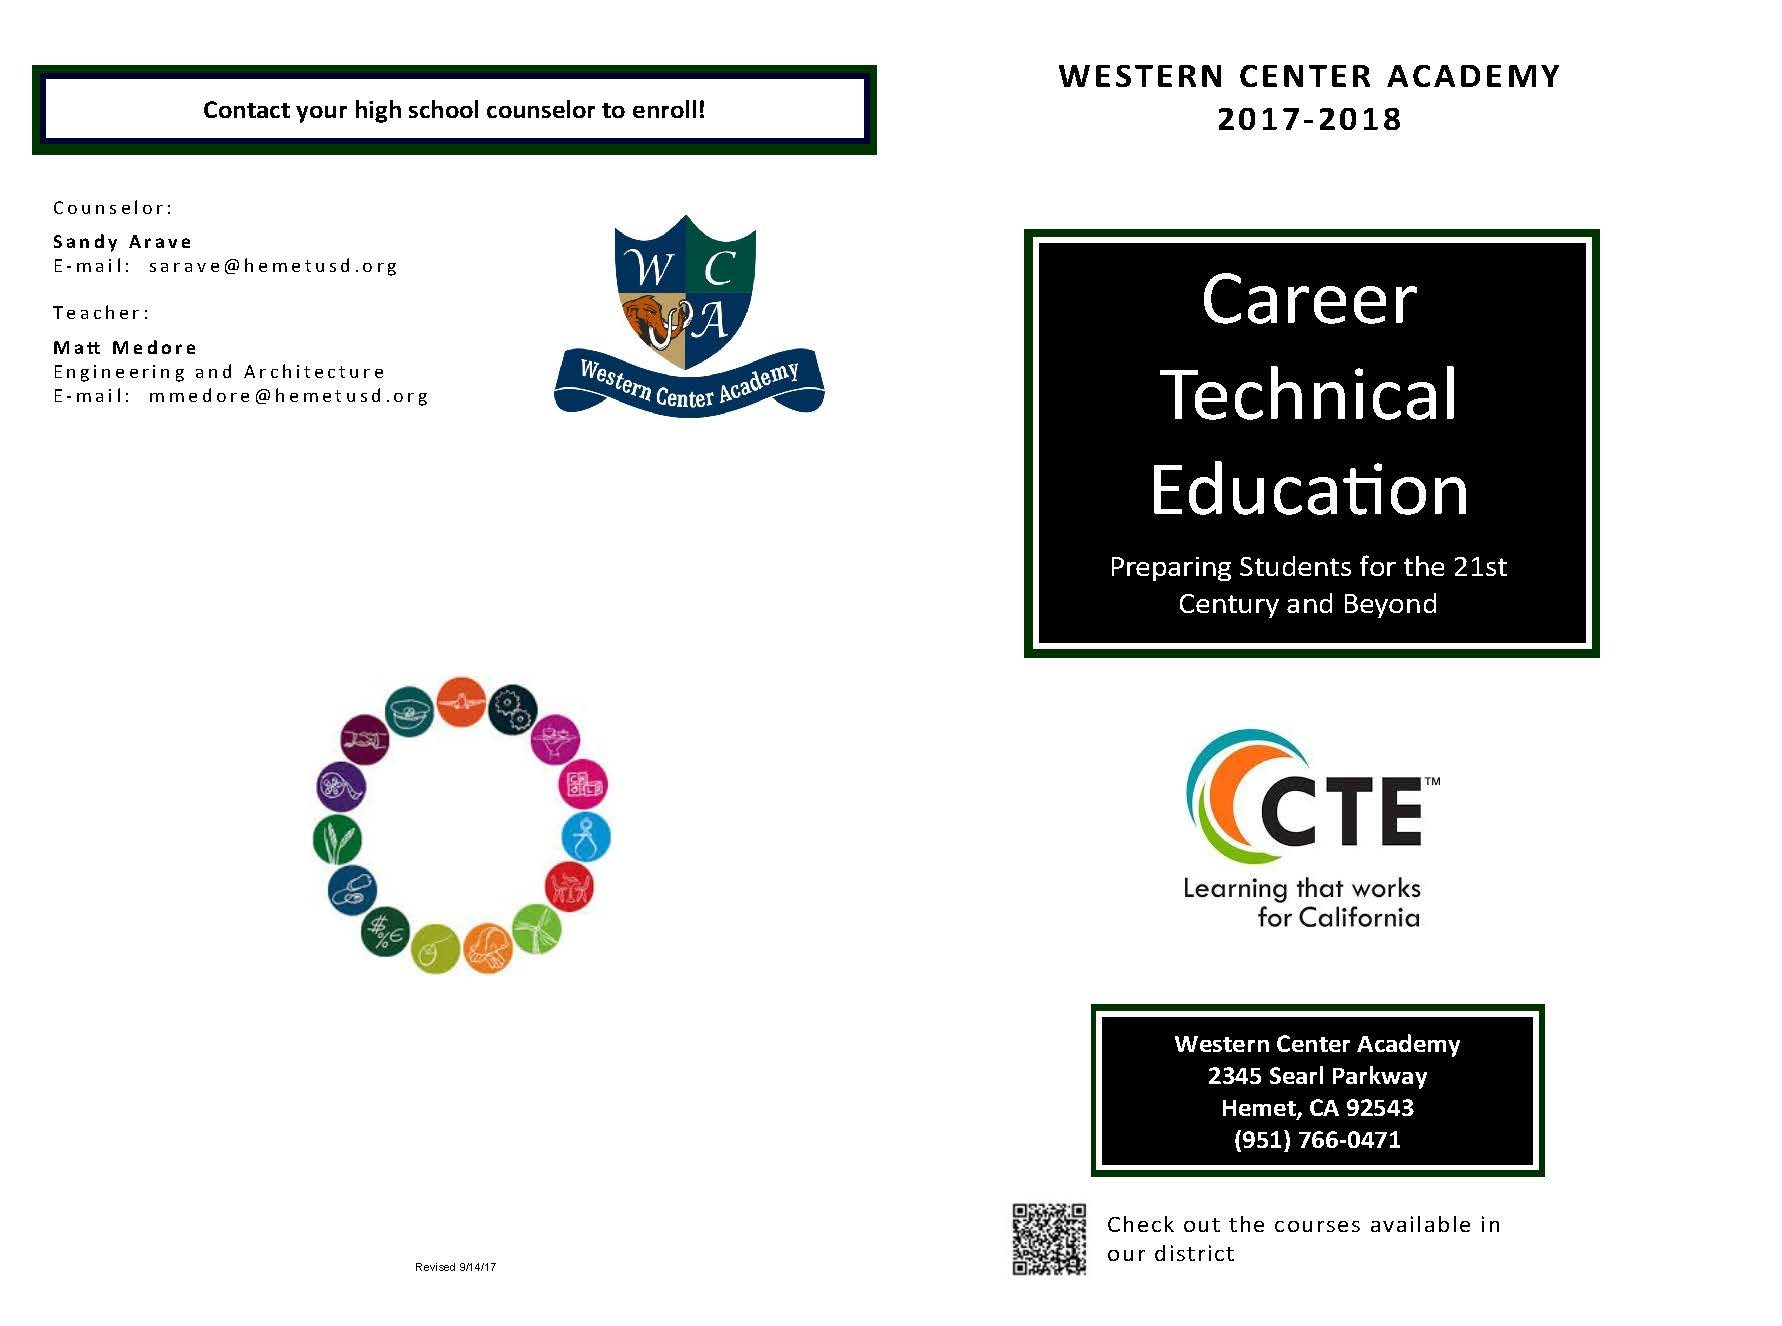 Western Center Academy